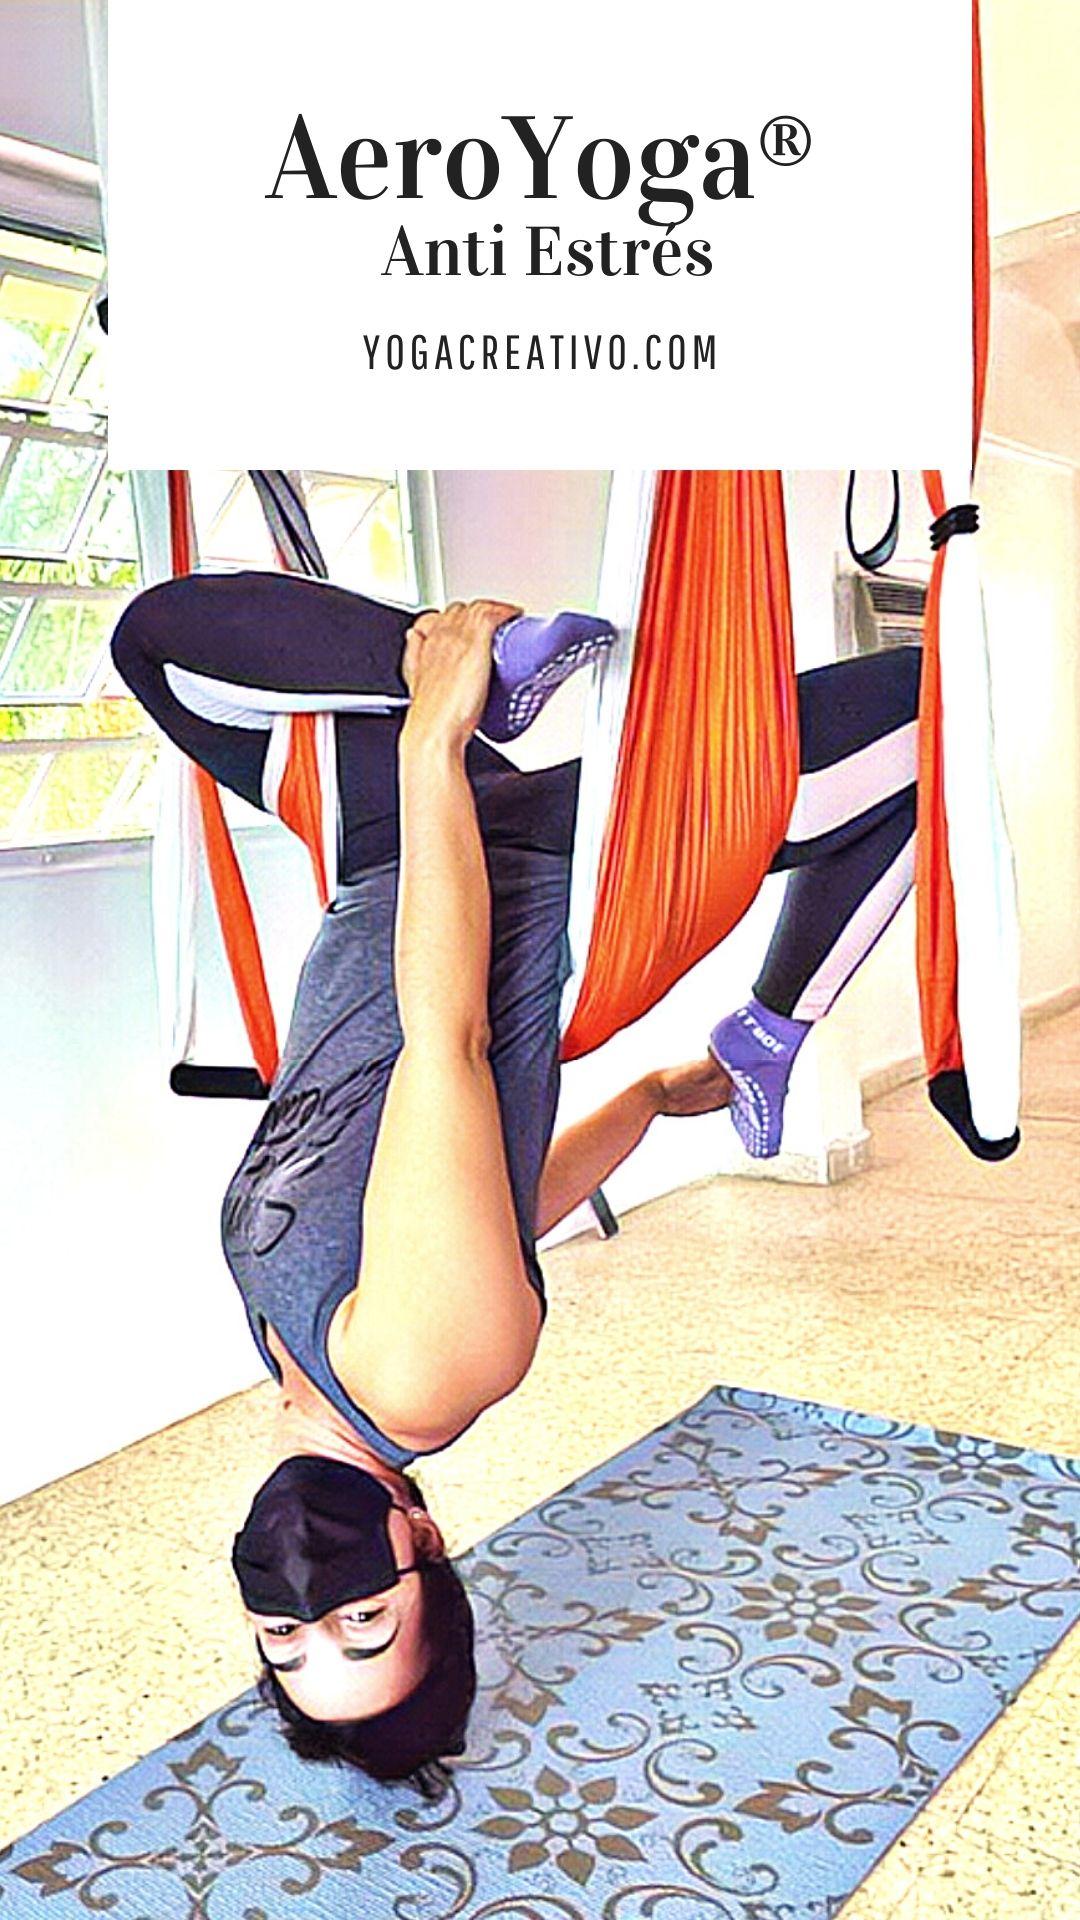 aero yoga anti estrés